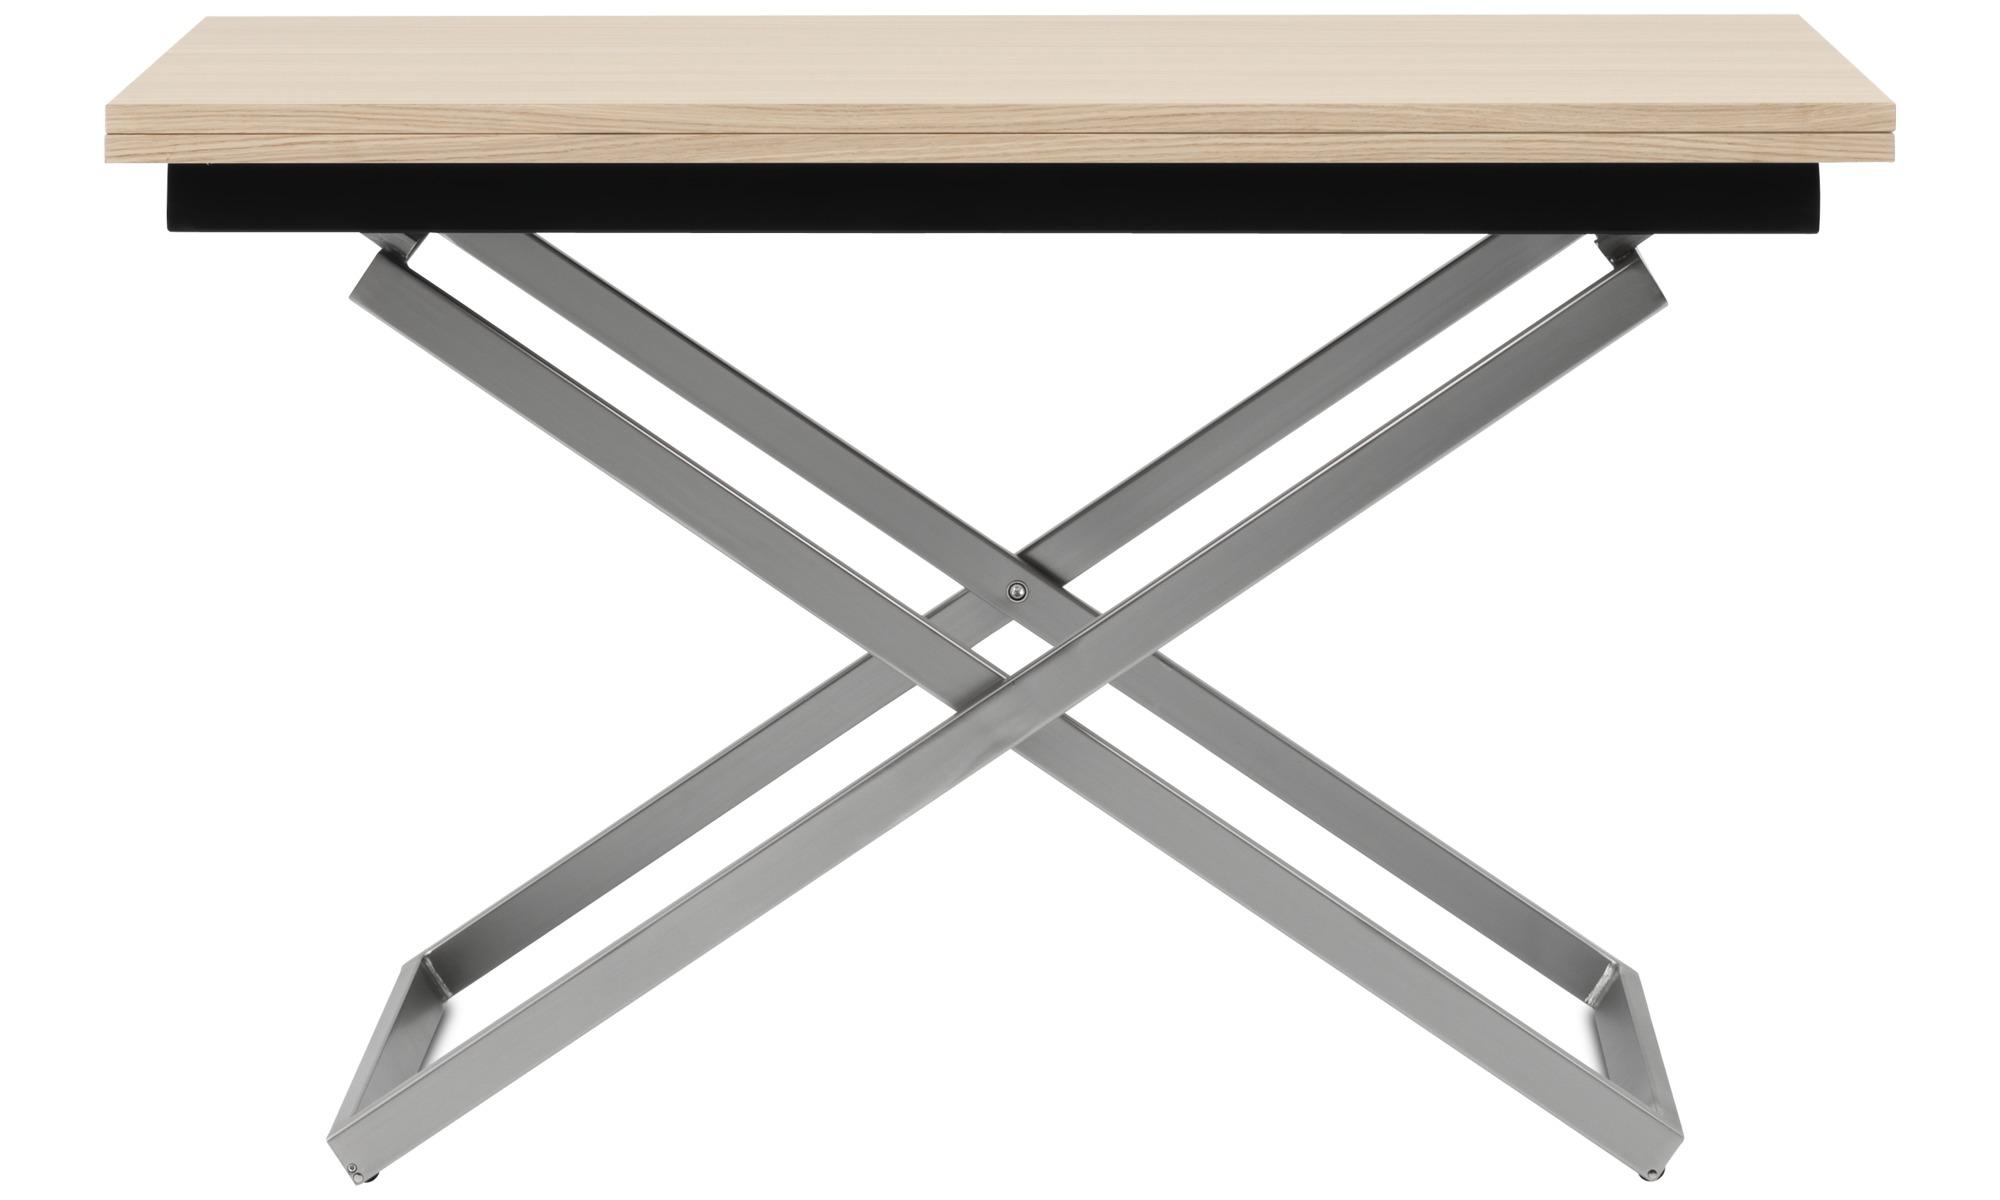 couchtische rubi verstellbarer tisch in h he und gr sse boconcept. Black Bedroom Furniture Sets. Home Design Ideas